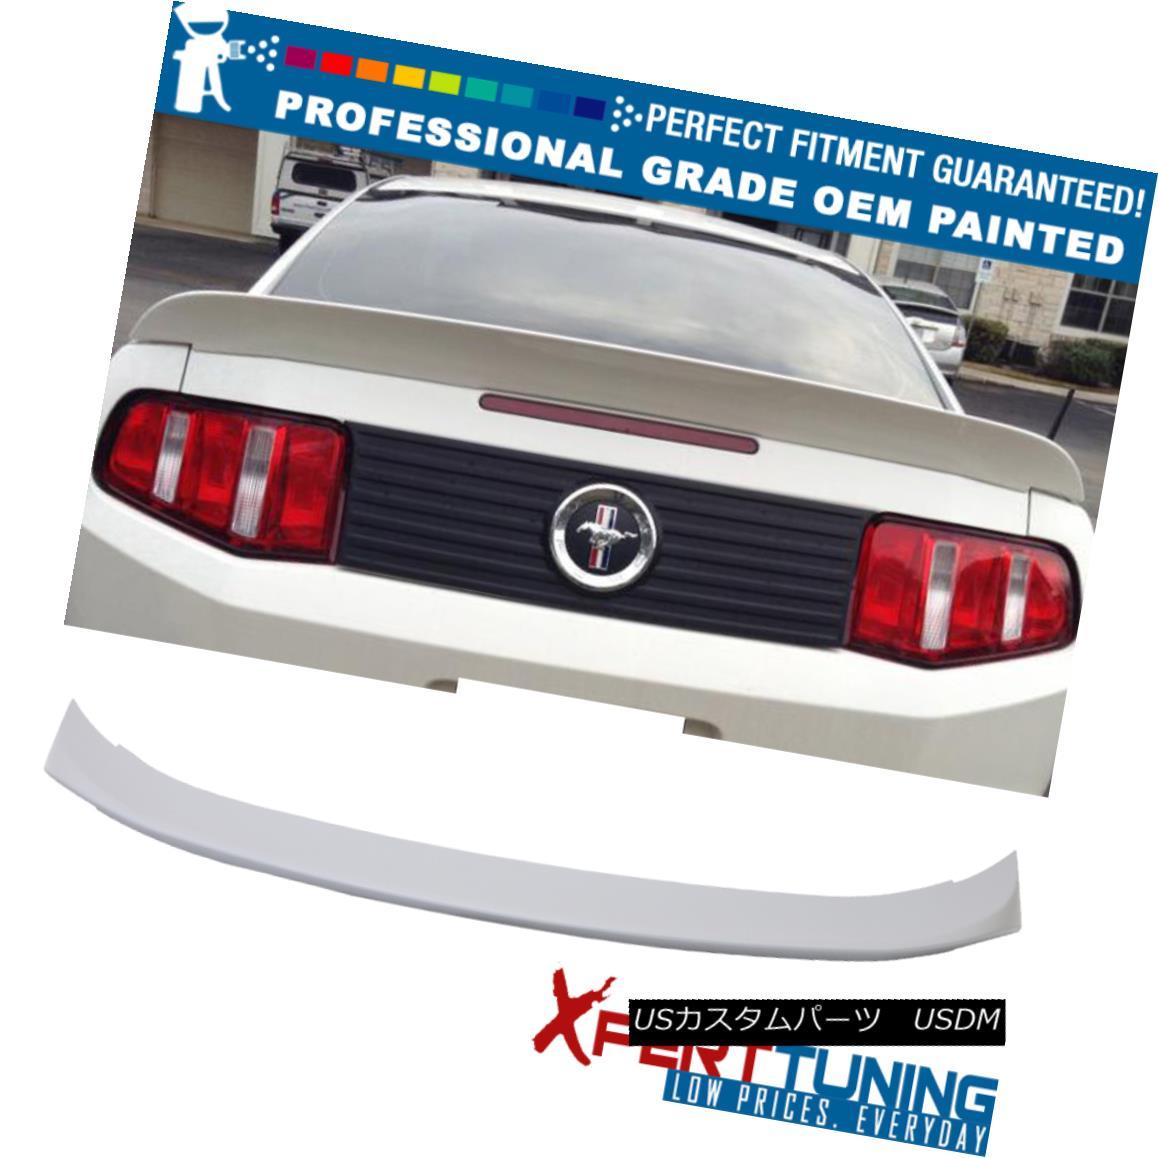 エアロパーツ 10-14 Ford Mustang D Style OEM Painted Color Trunk Spoiler - OEM Painted Color 10-14フォードマスタングDスタイルOEM塗装カラートランクスポイラー - OEM塗装カラー